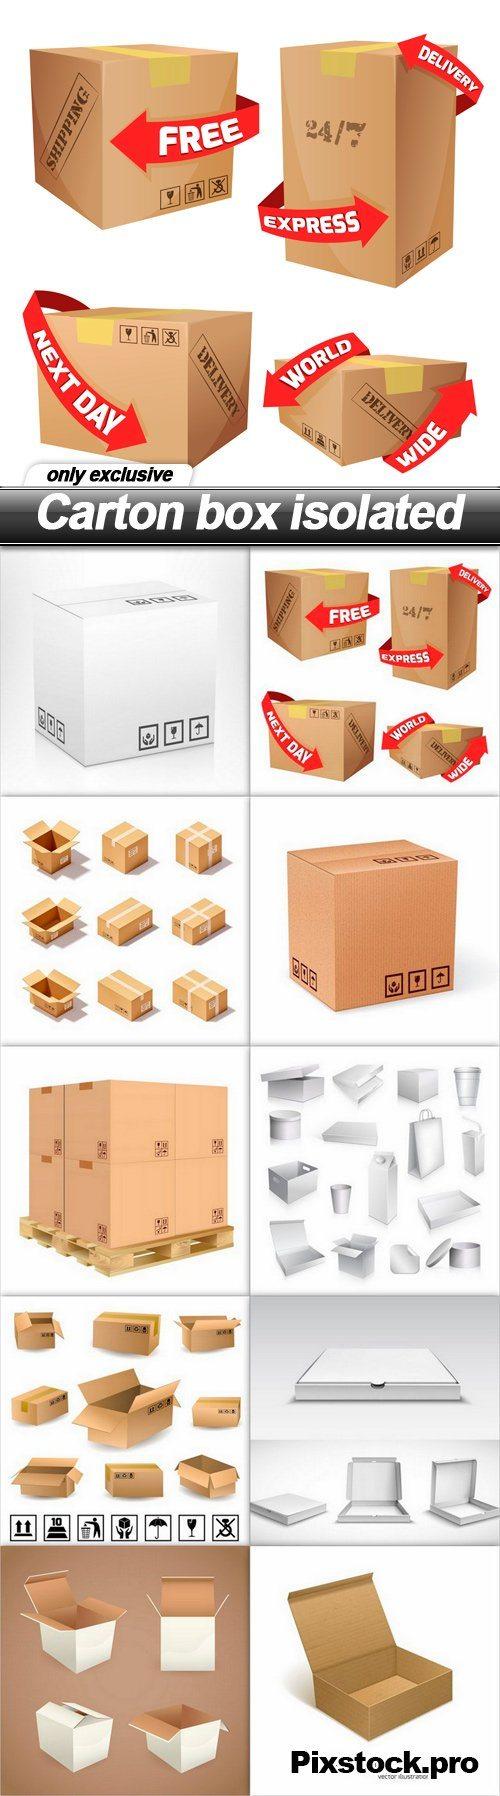 Carton box isolated – 10 EPS